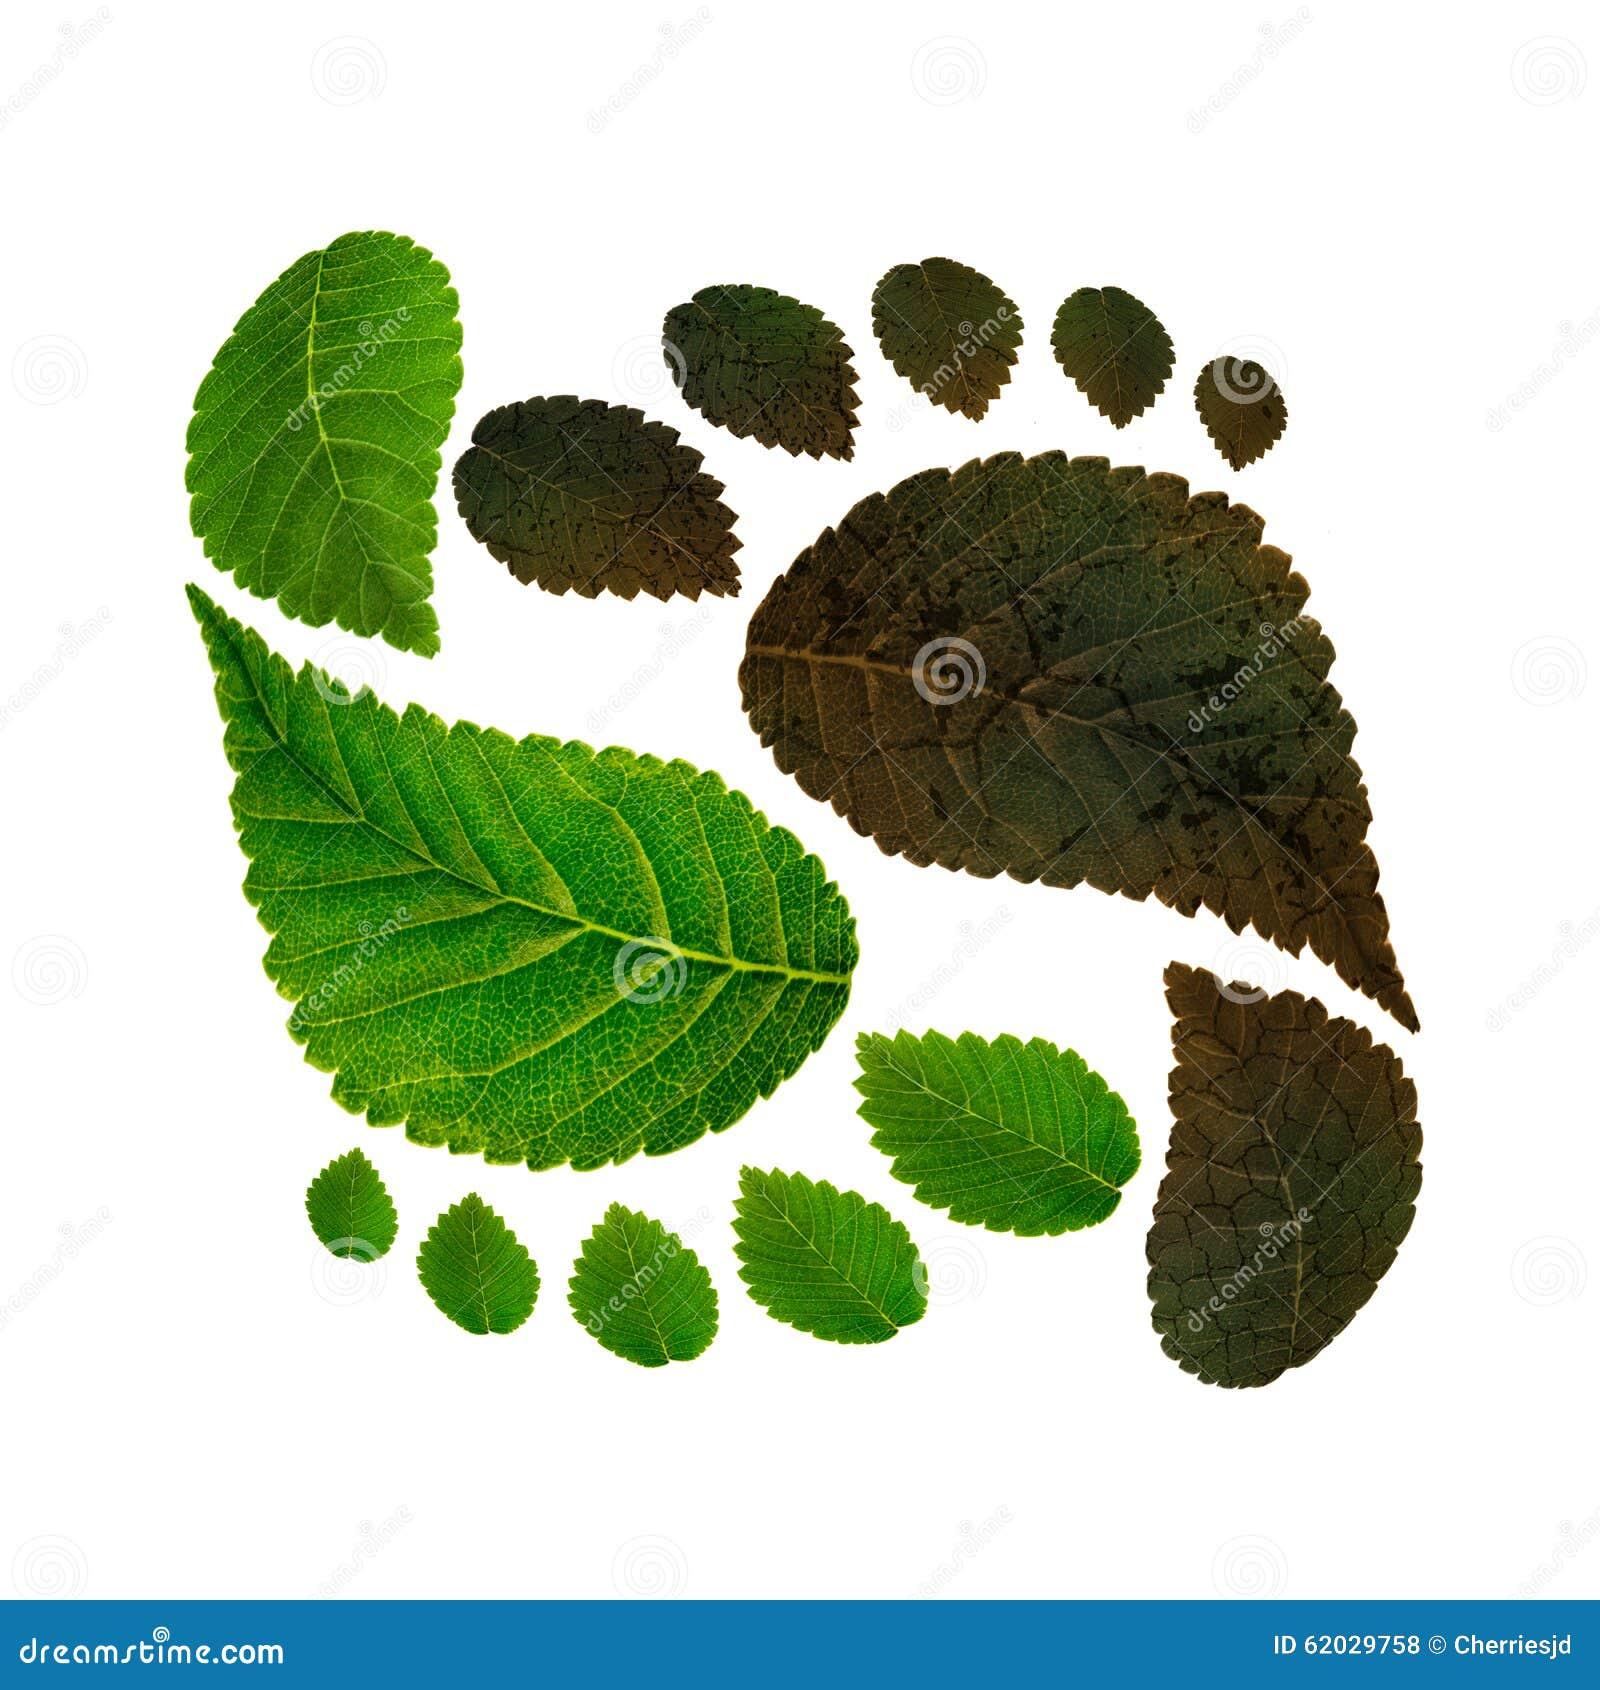 Trwałość ekologia przeciw zanieczyszczeniu środowiska